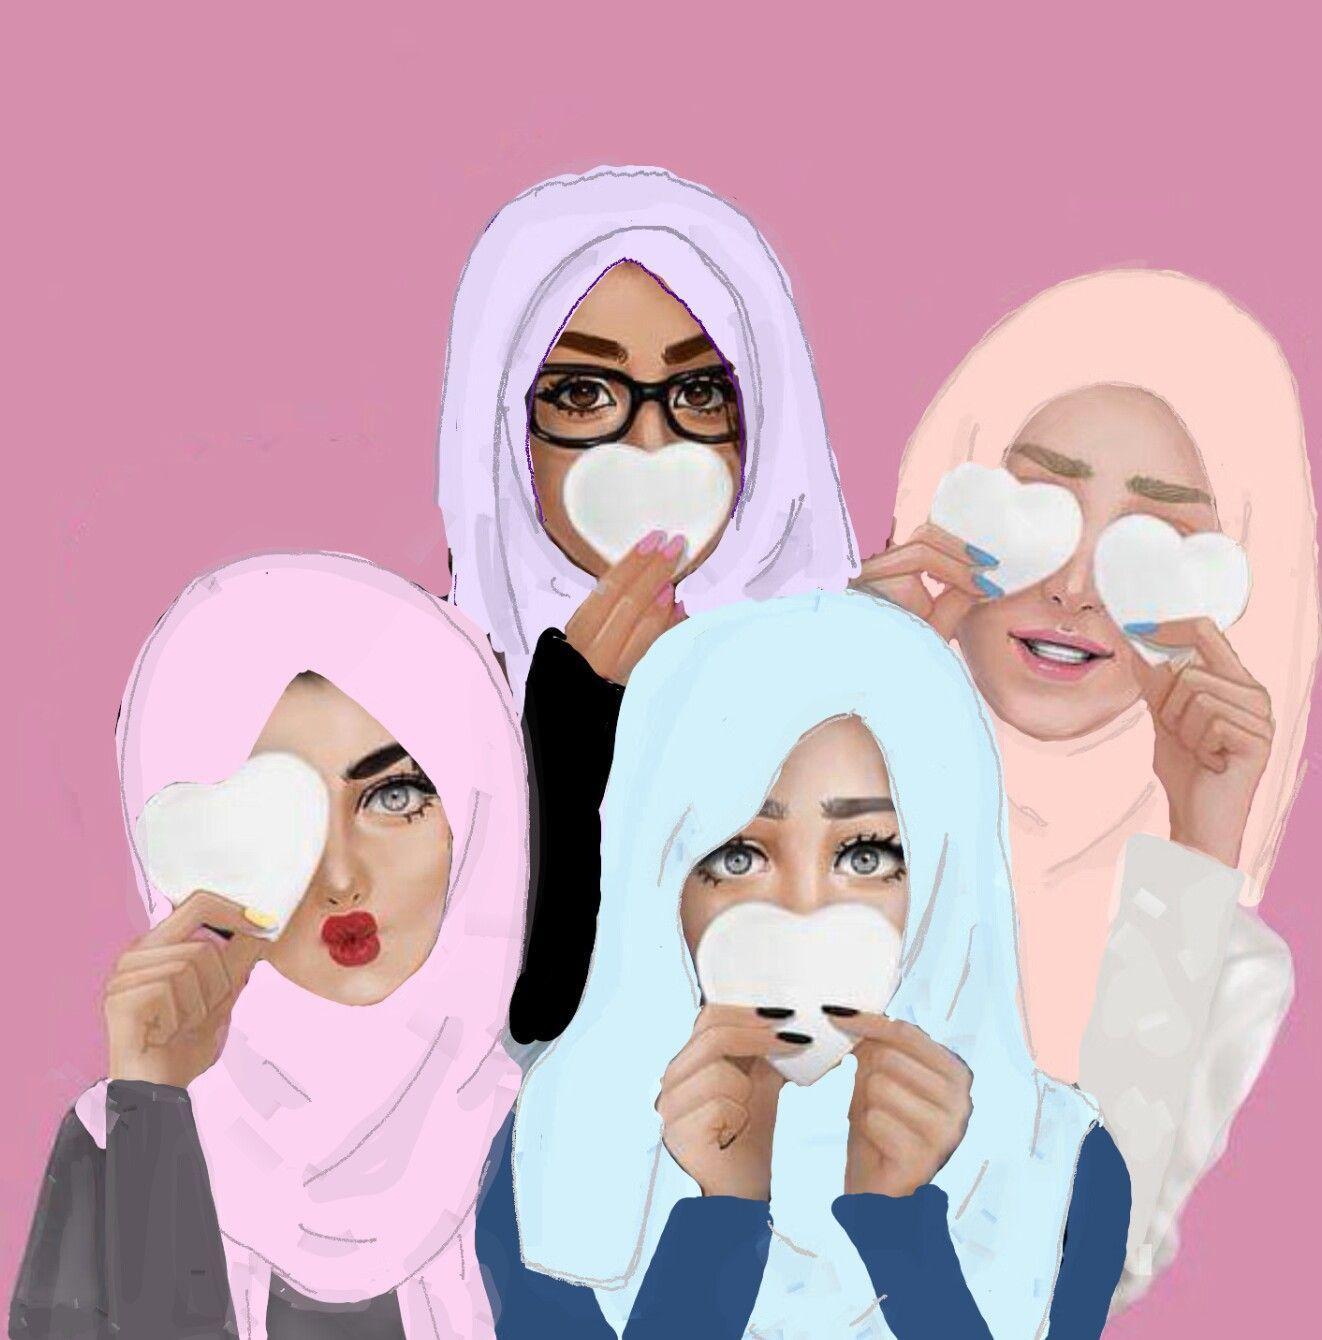 Se sei una donna musulmana che sente di difettare nell'adempimento dei propri. Hipster Girl Cartoon Wallpapers Top Free Hipster Girl Cartoon Backgrounds Wallpaperaccess